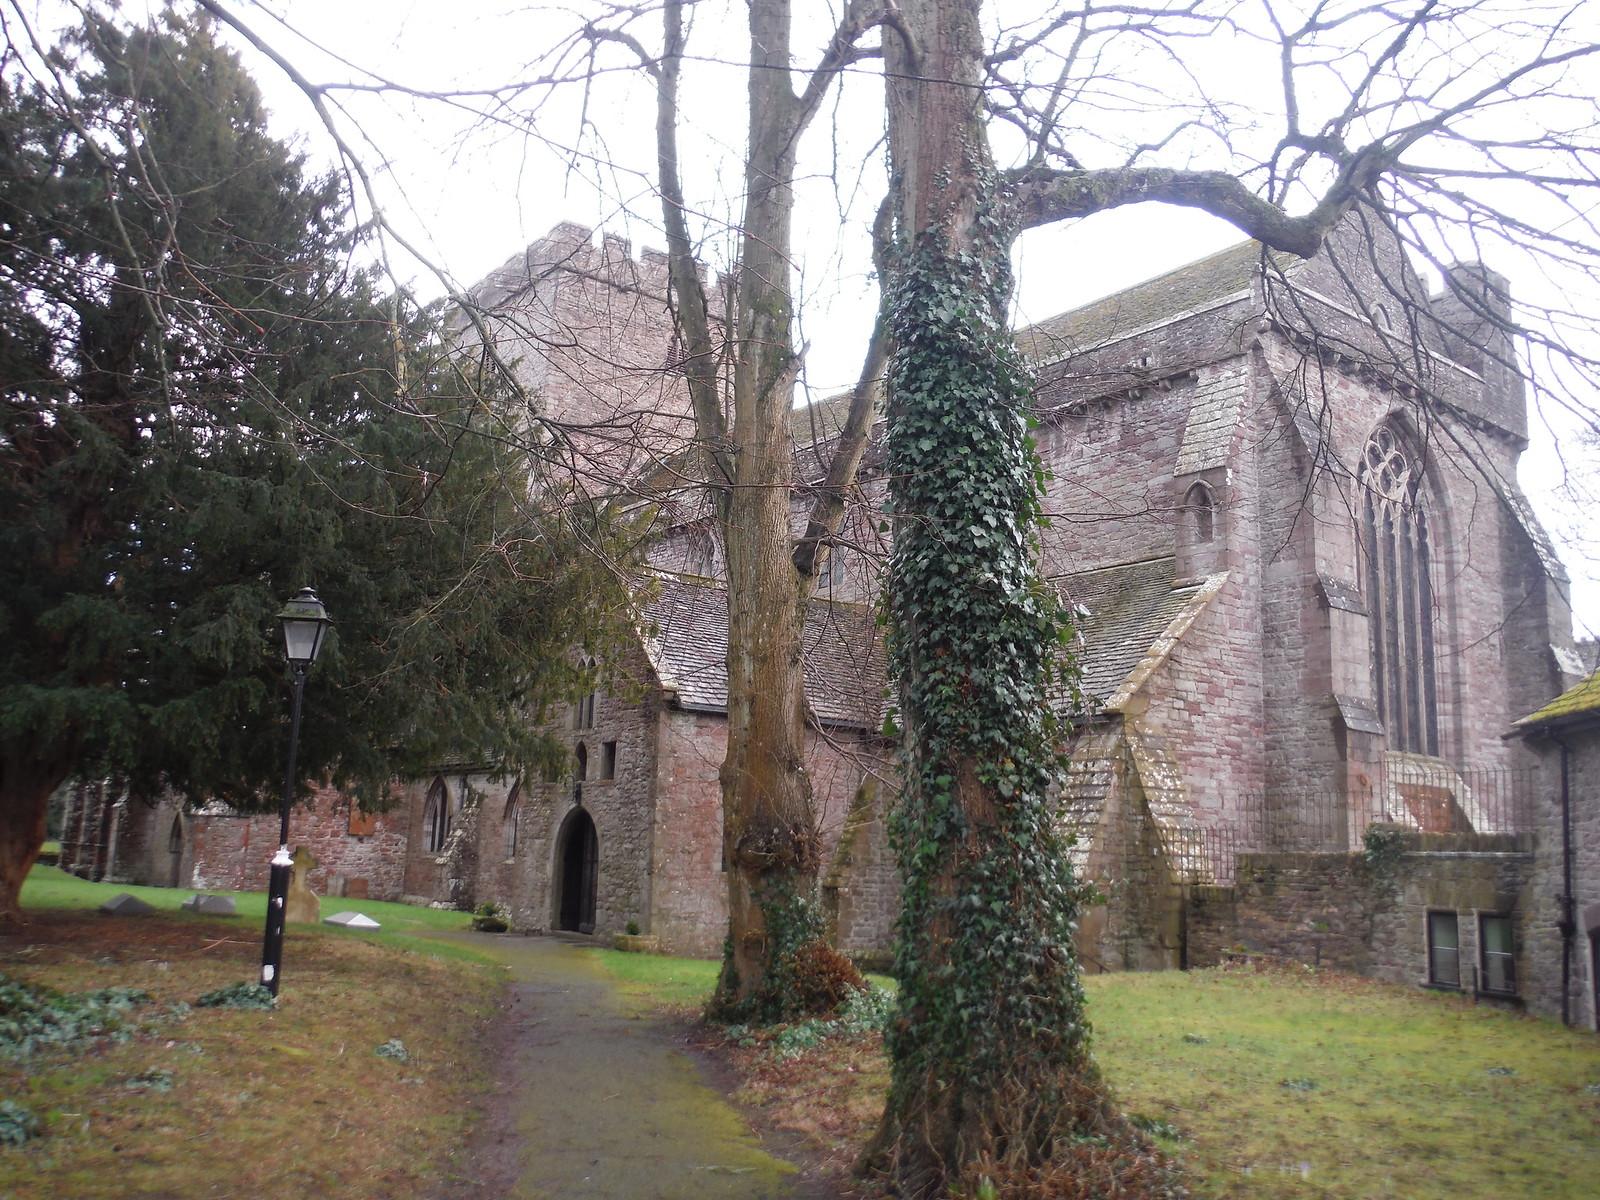 Brecon Cathedral SWC Walk 306 - Brecon Circular (via Y Gaer, Battle and Pen-y-crug)